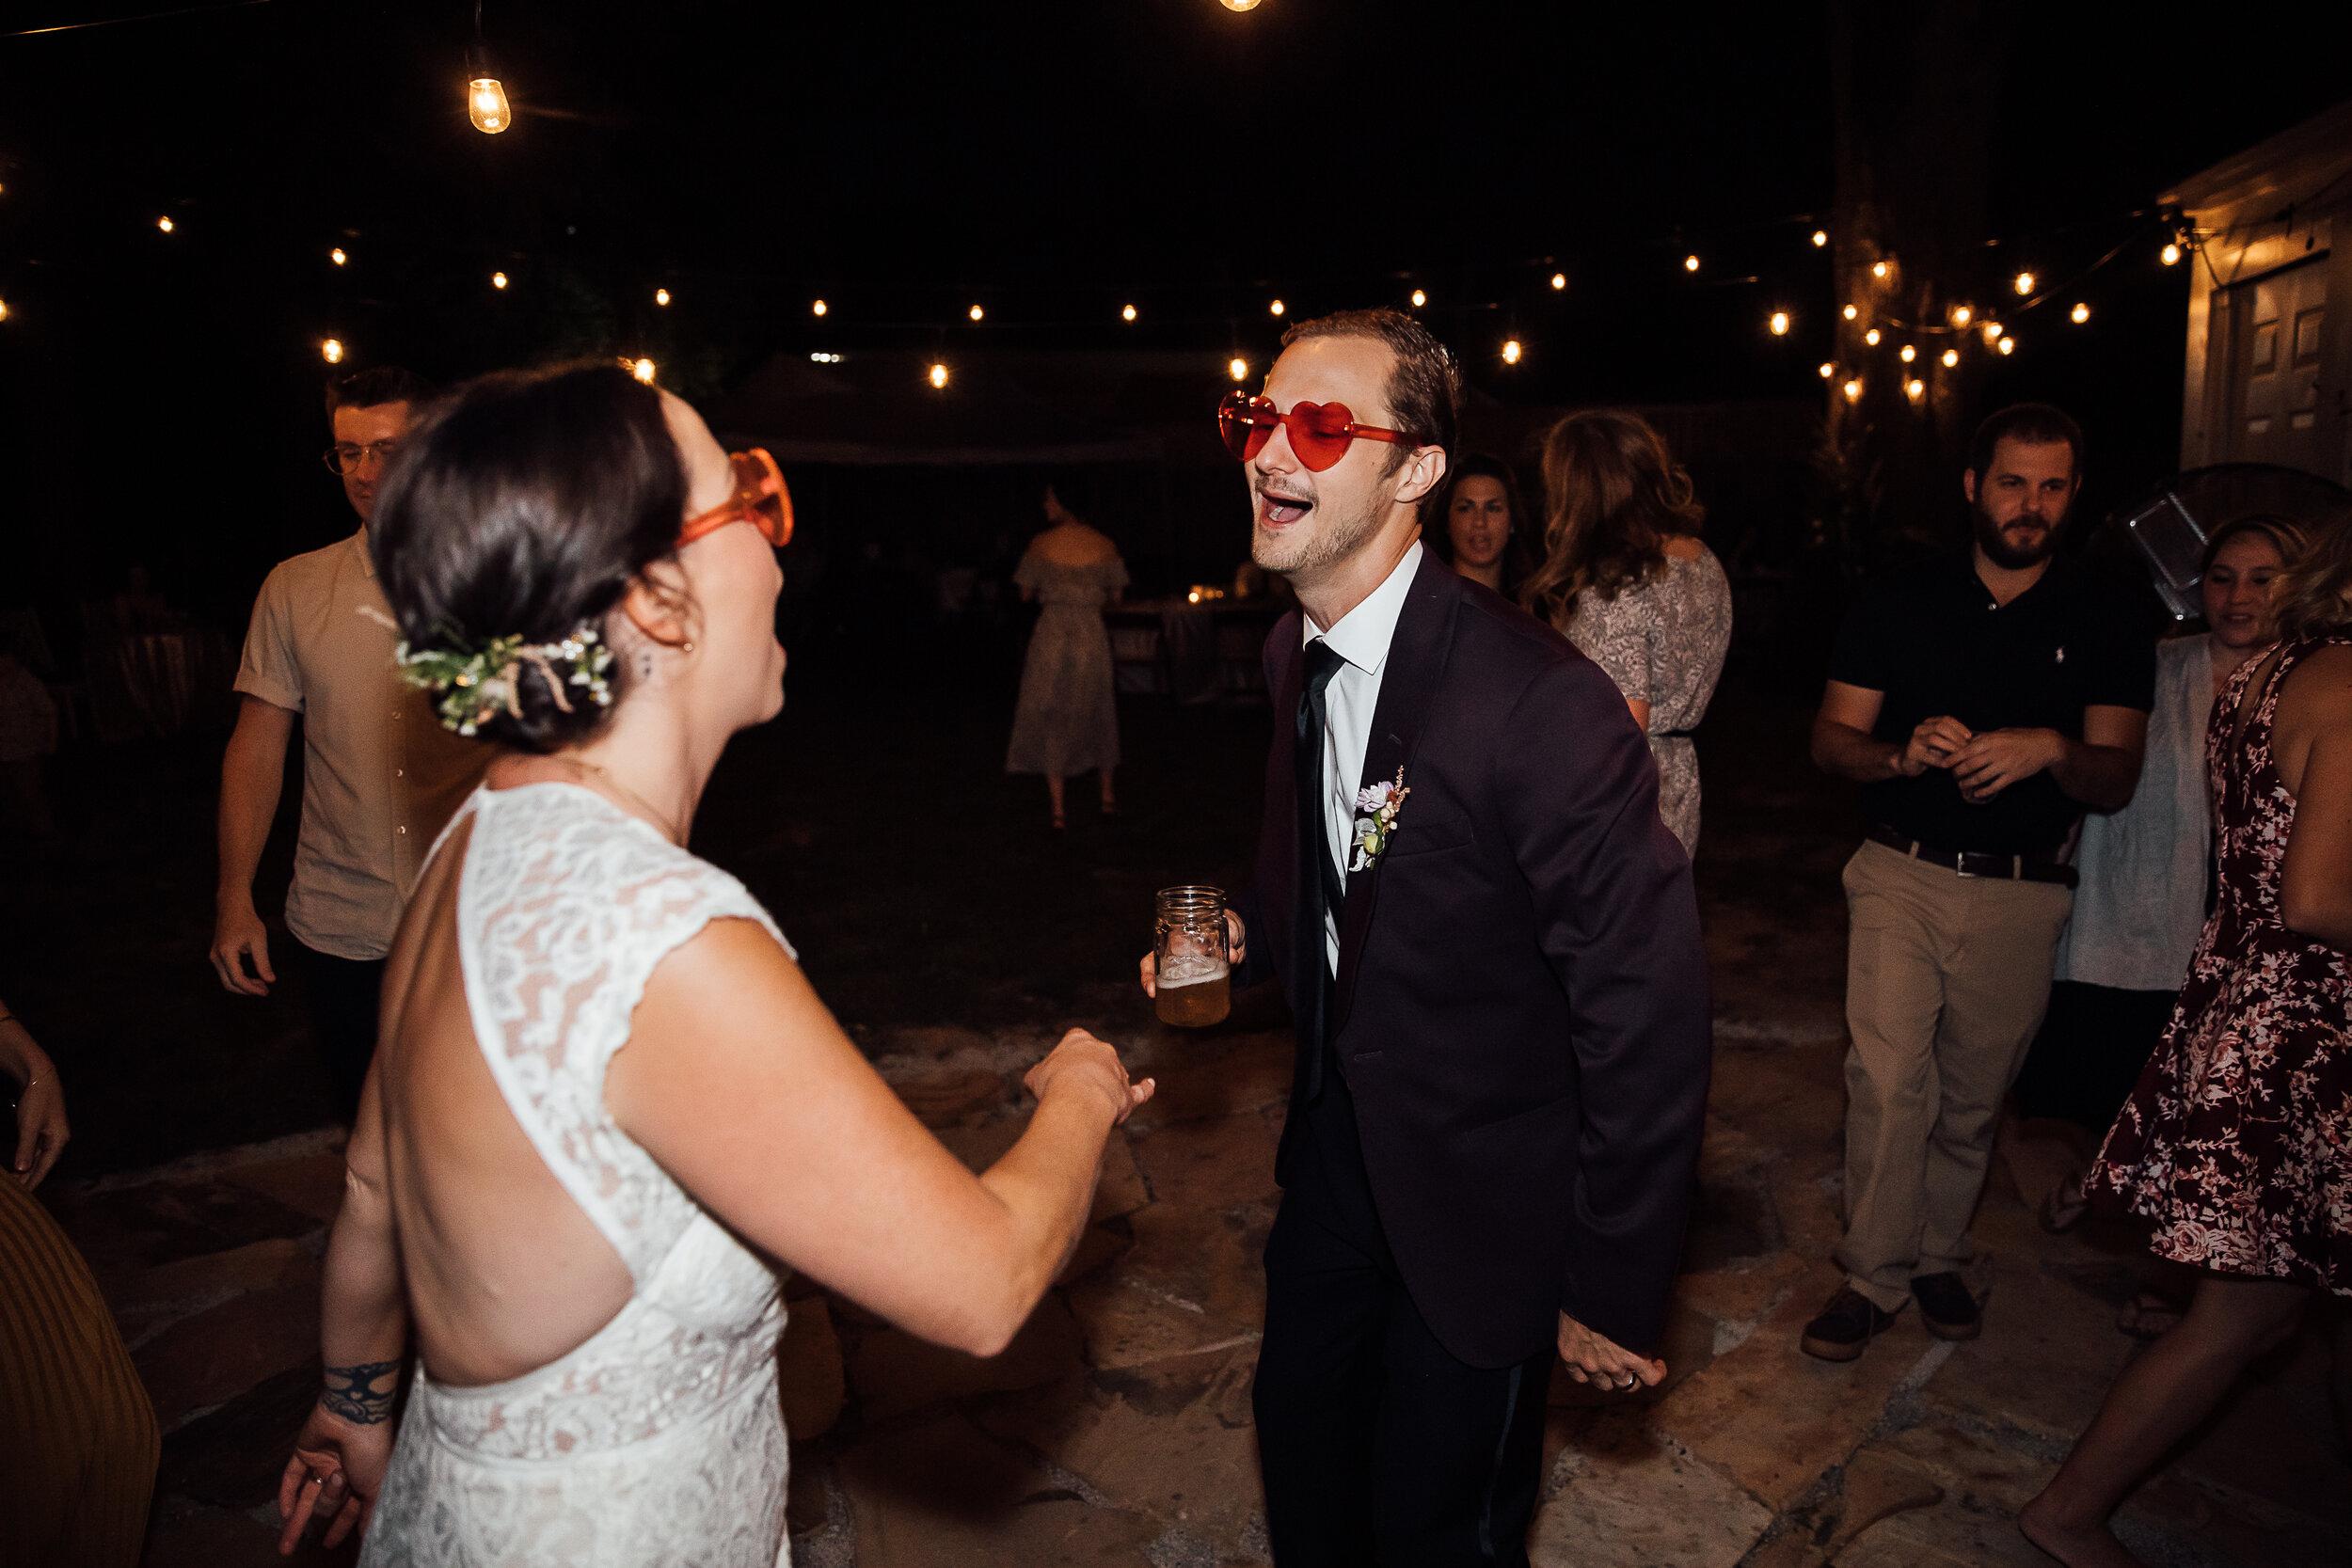 Allison-and-Wesley-Memphis-Backyard-Wedding-TheWarmthAroundYou-81.jpg